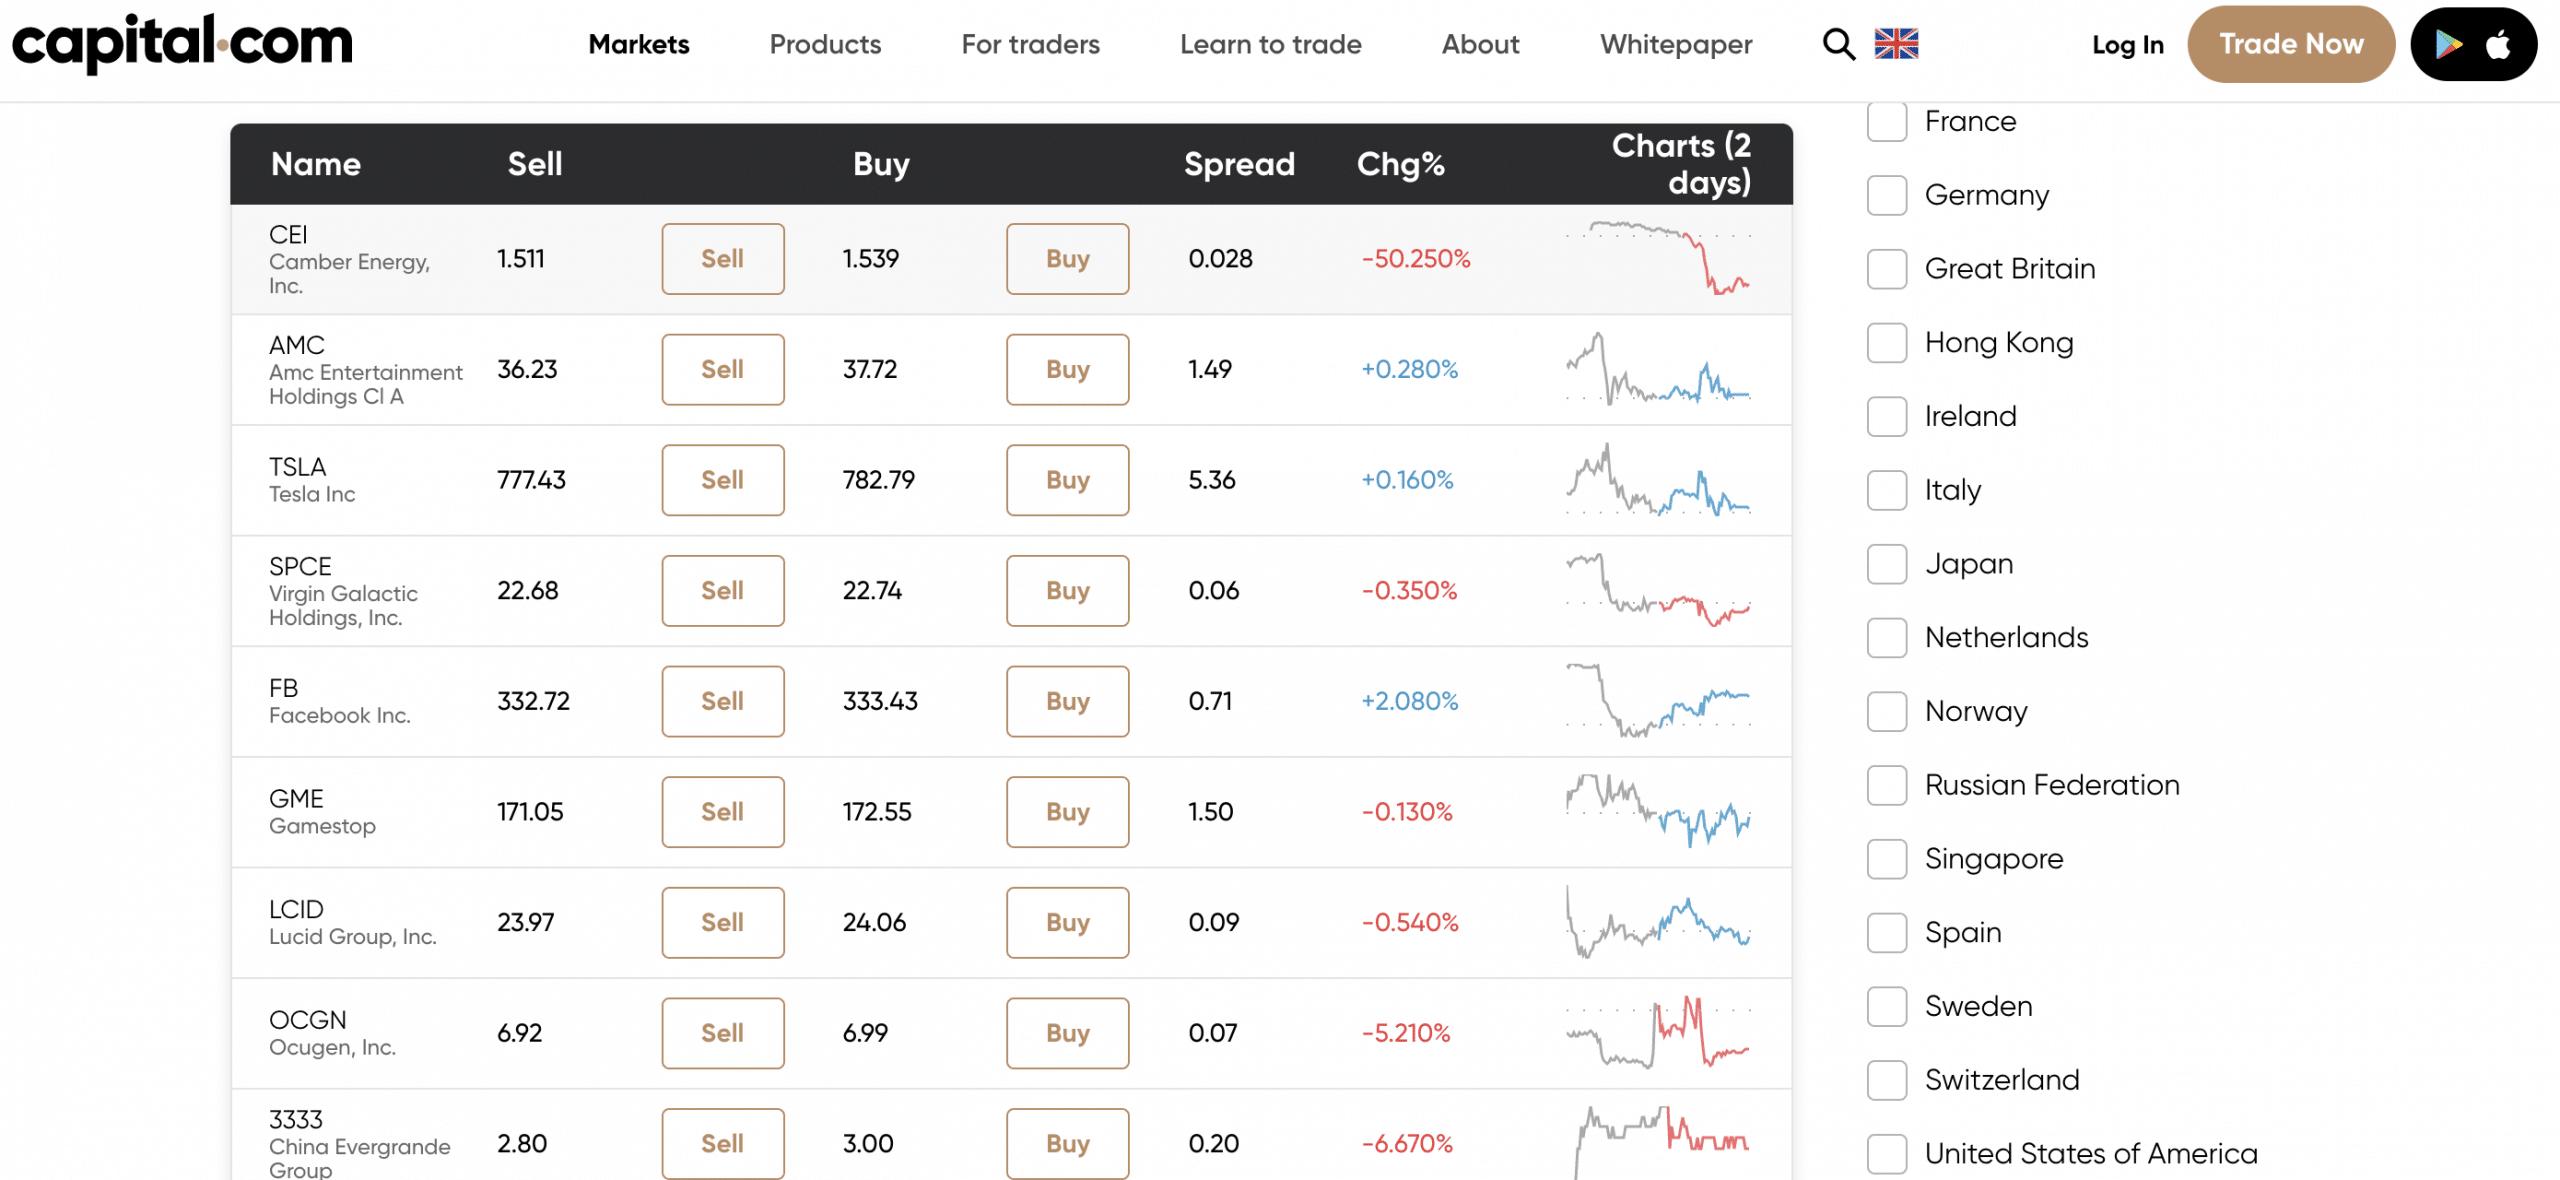 Capital.com Stocks